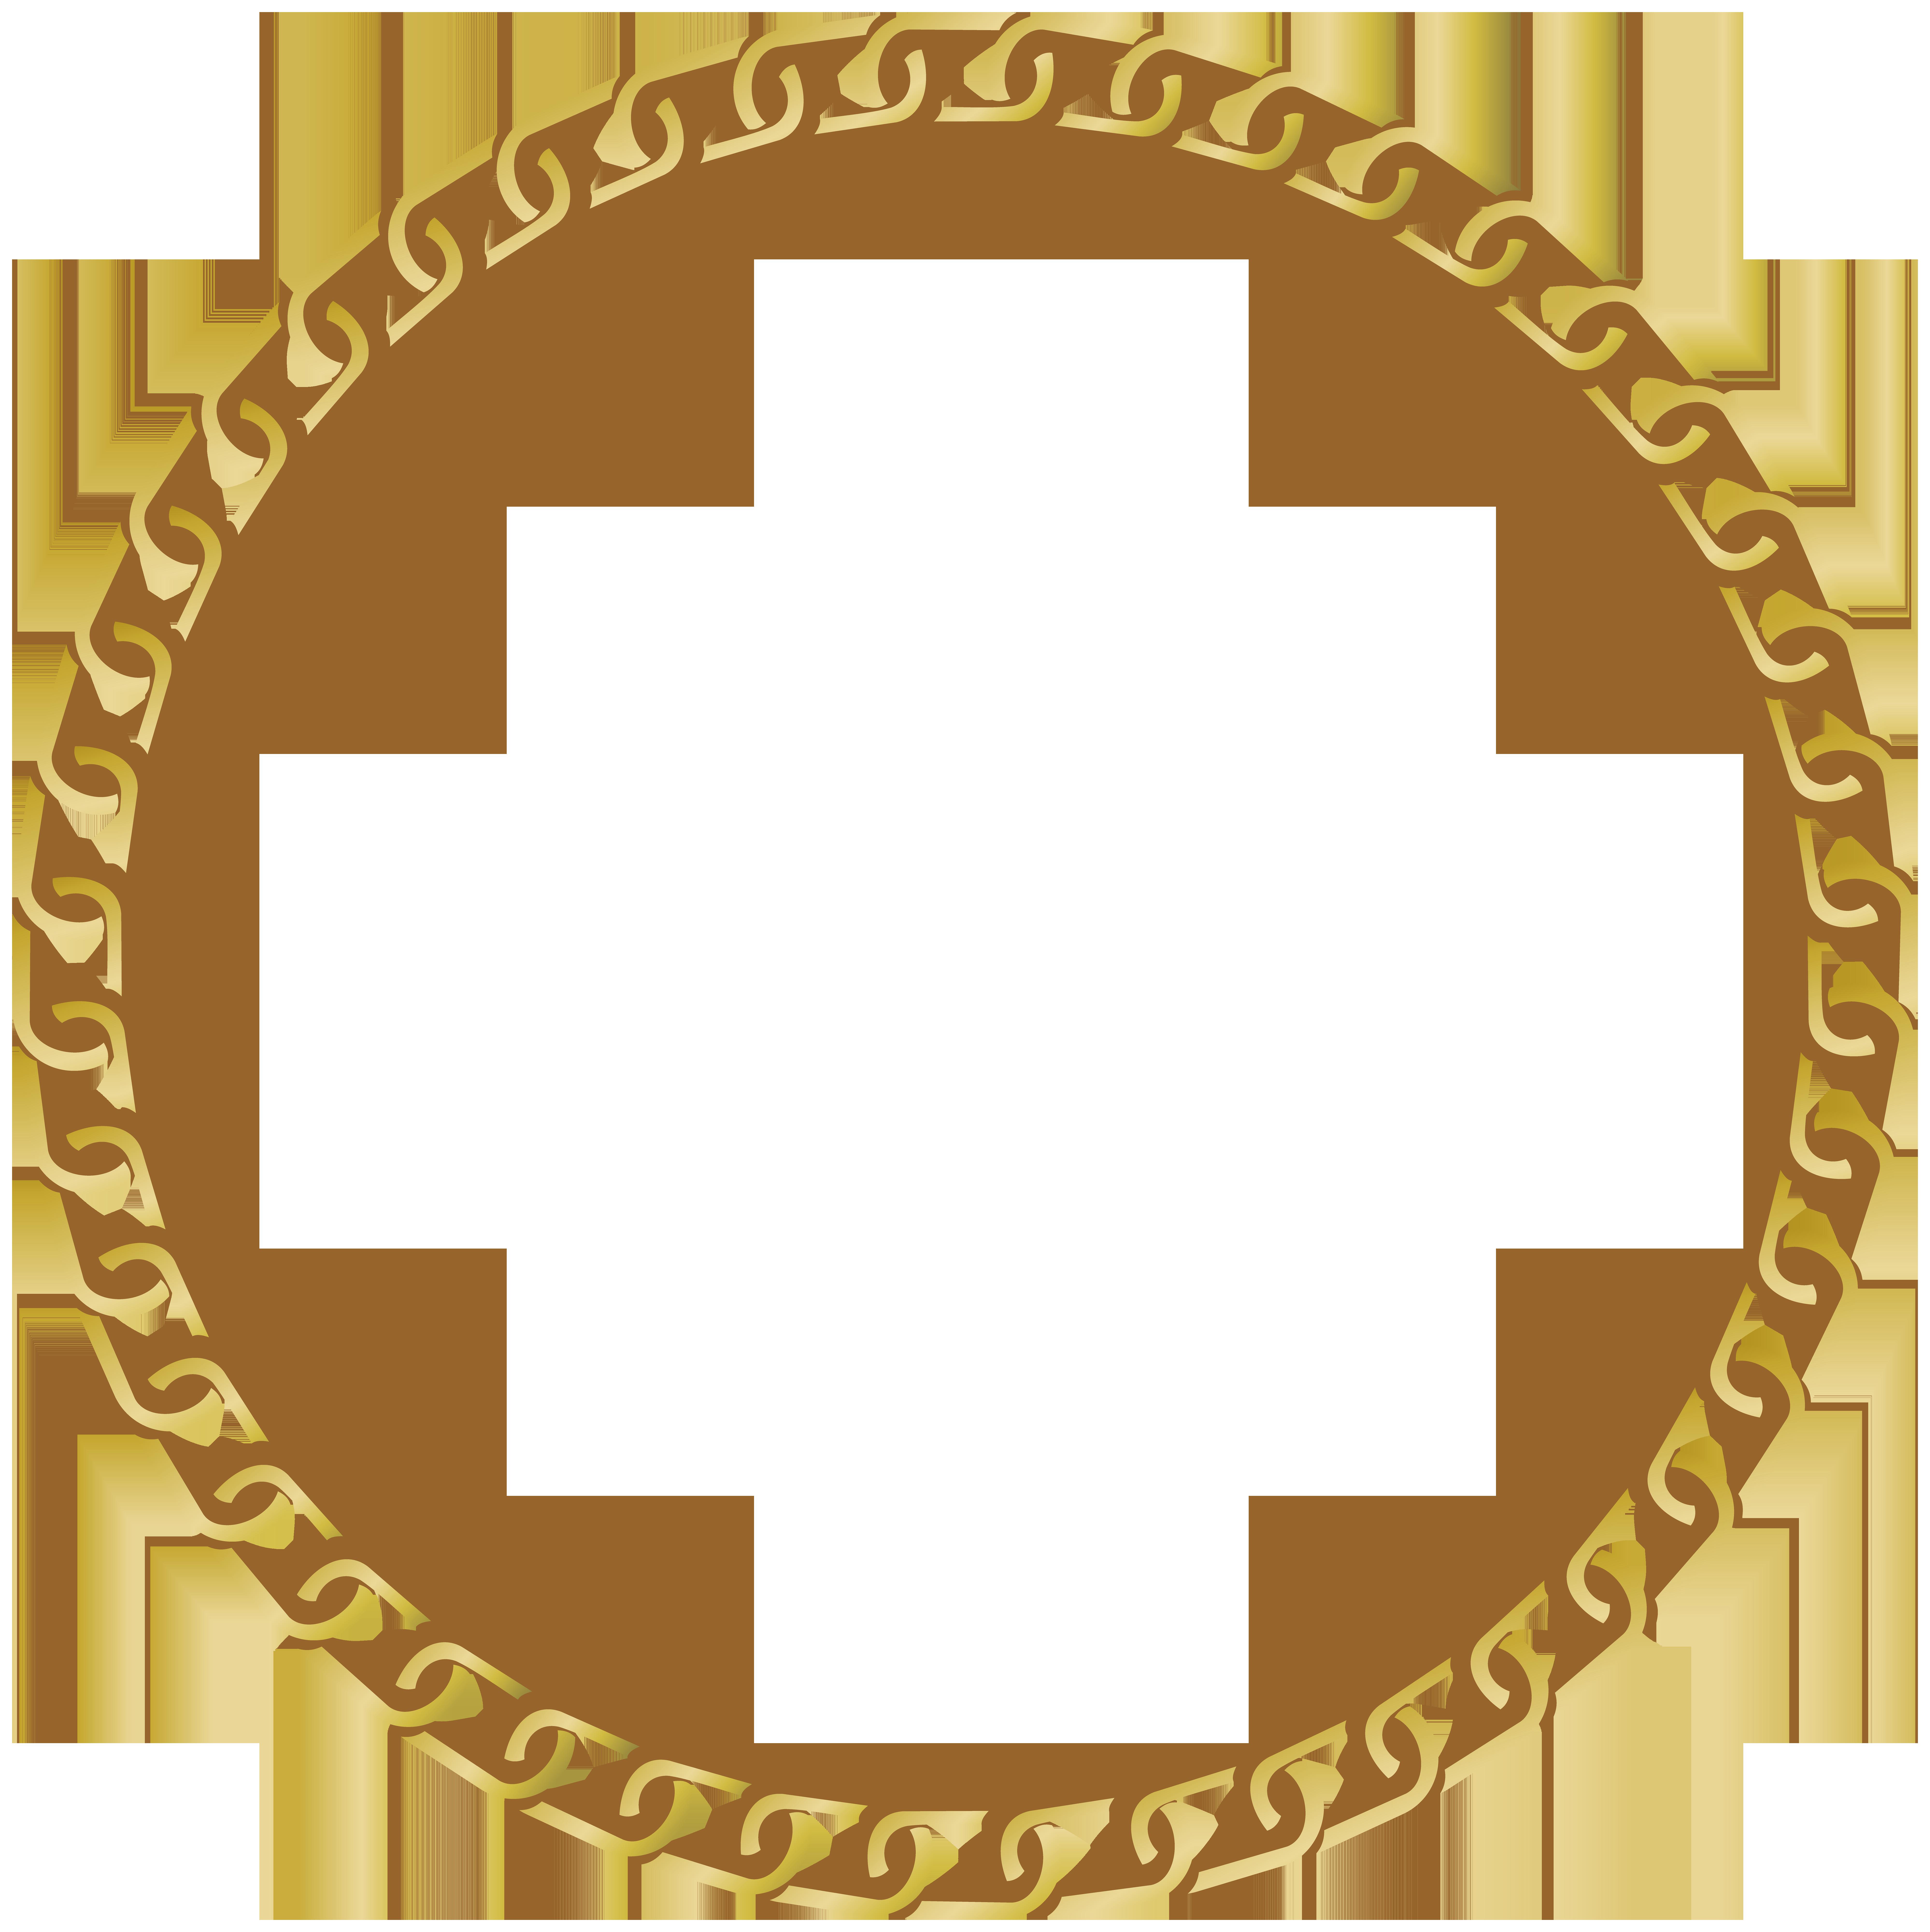 Frame Round Gold Transparent PNG Clip Art Image.